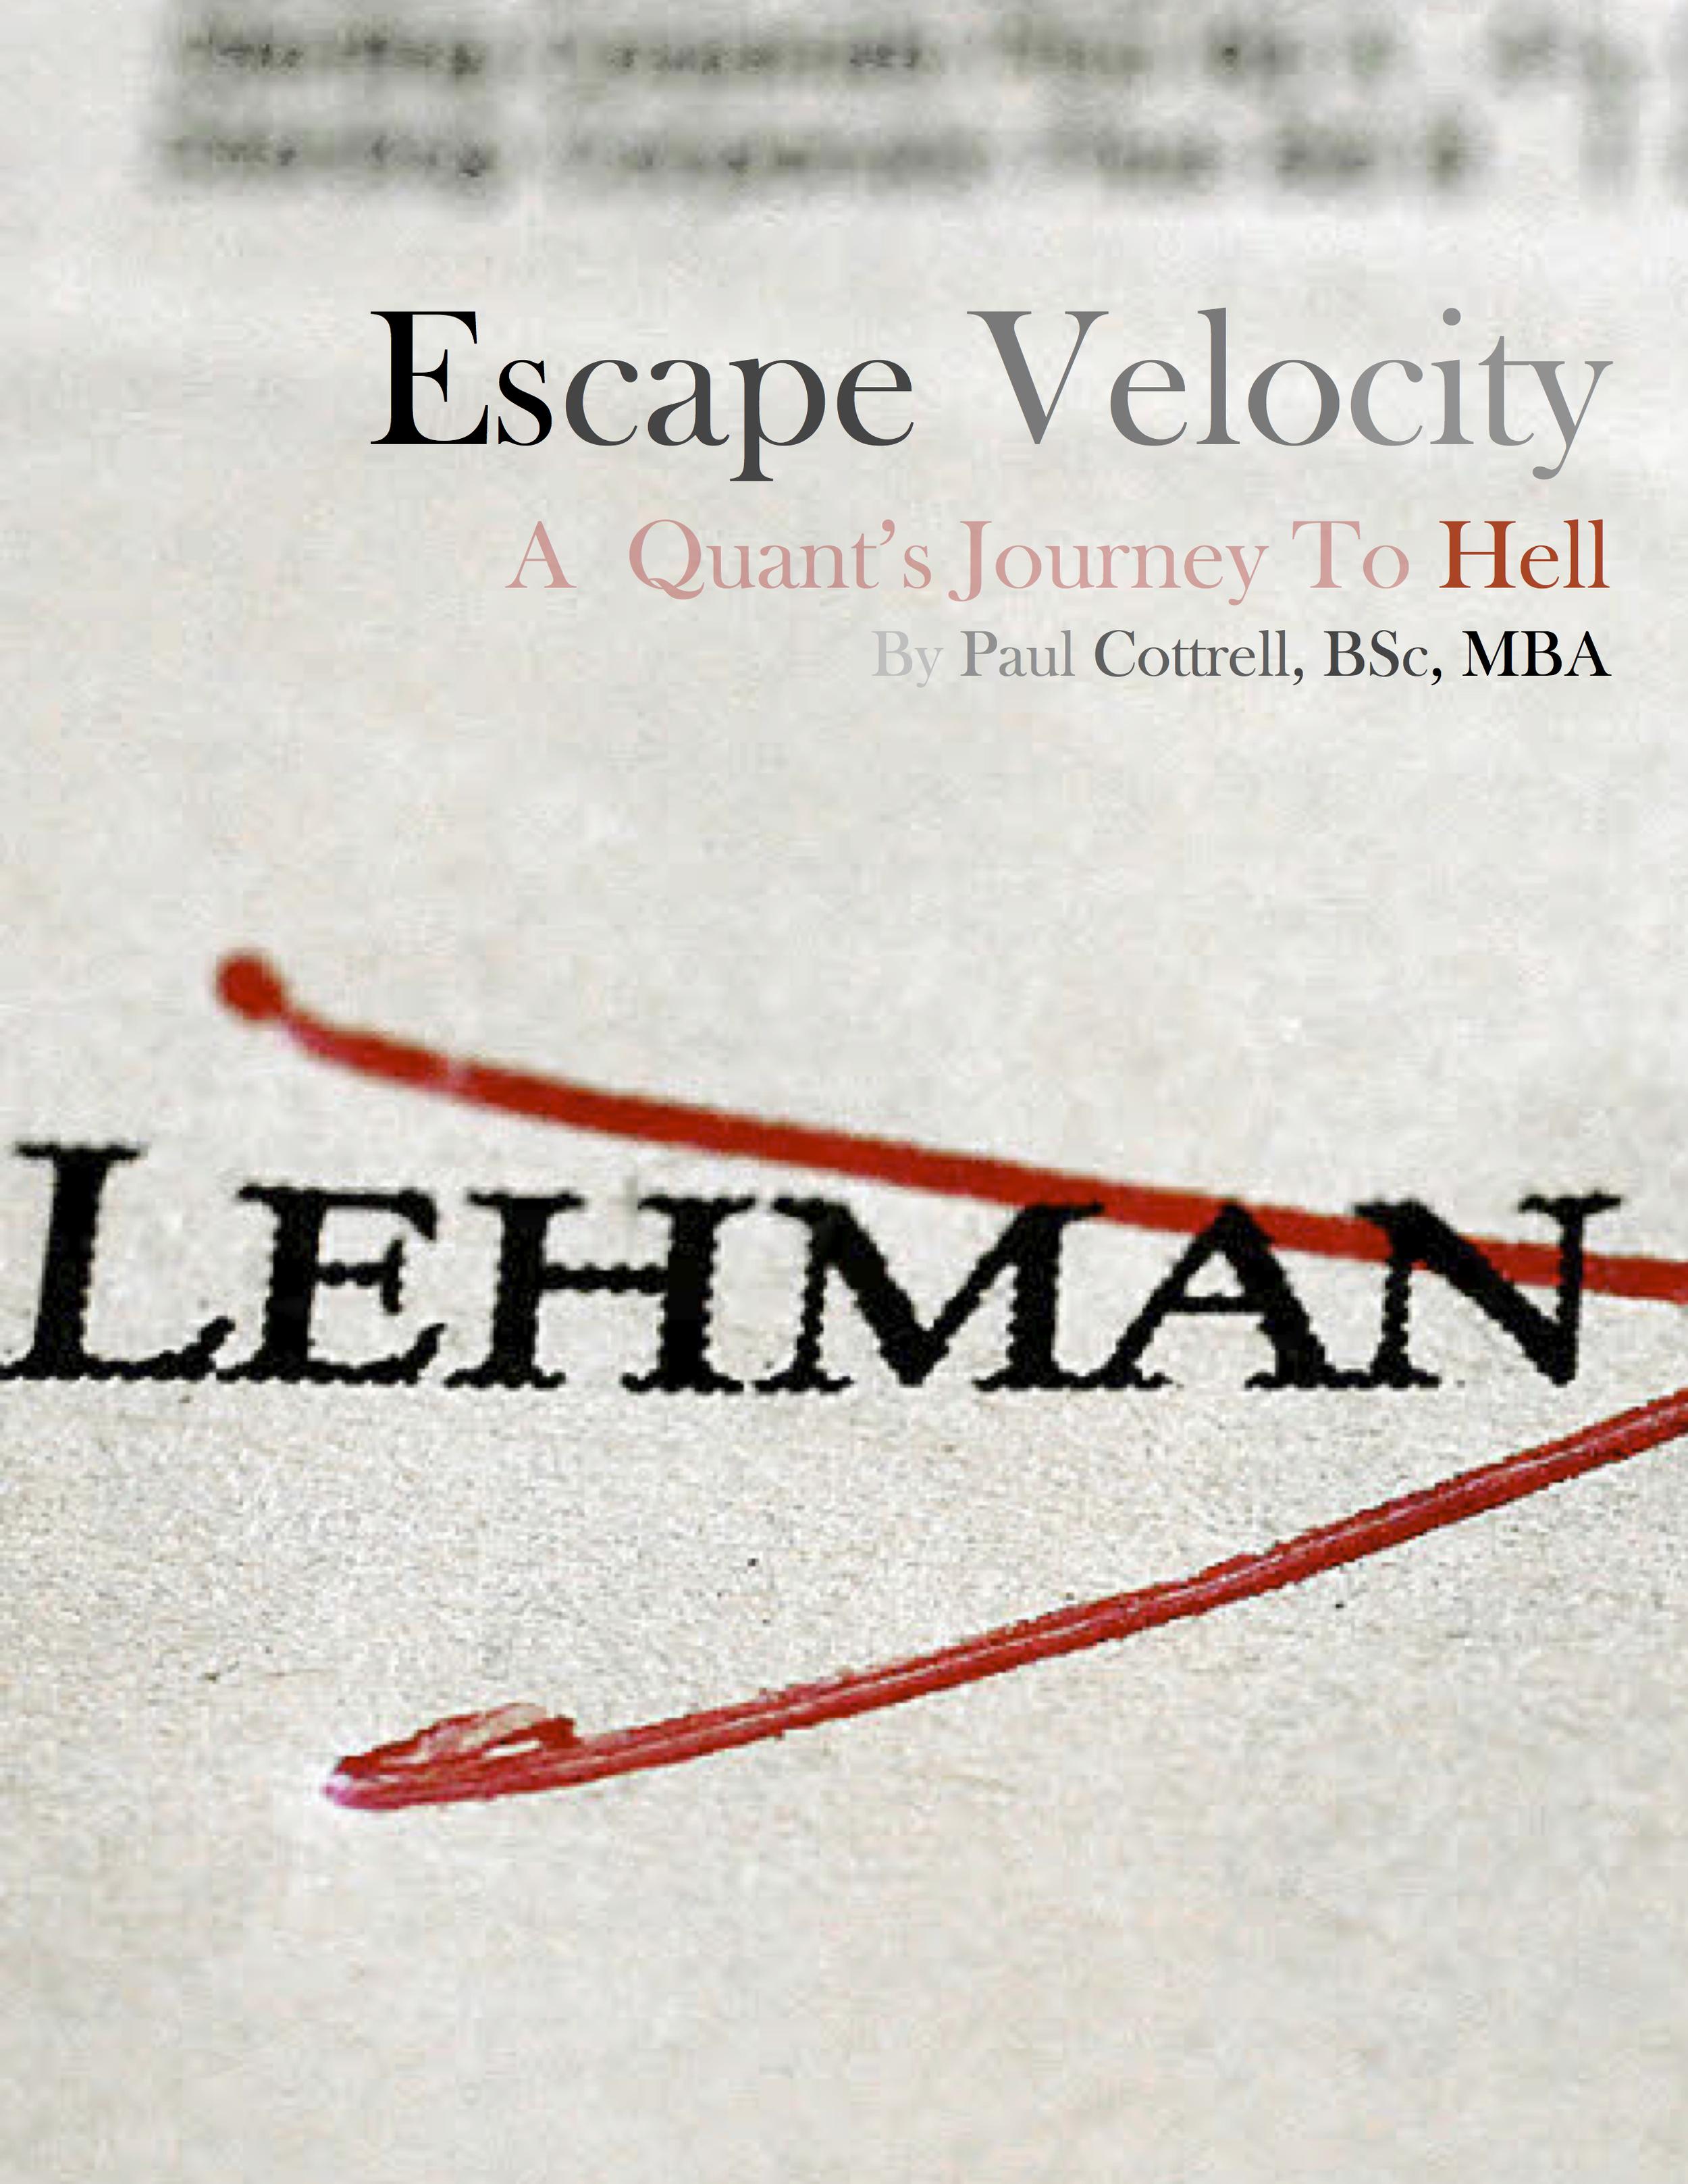 Cover for Escape Velocity,